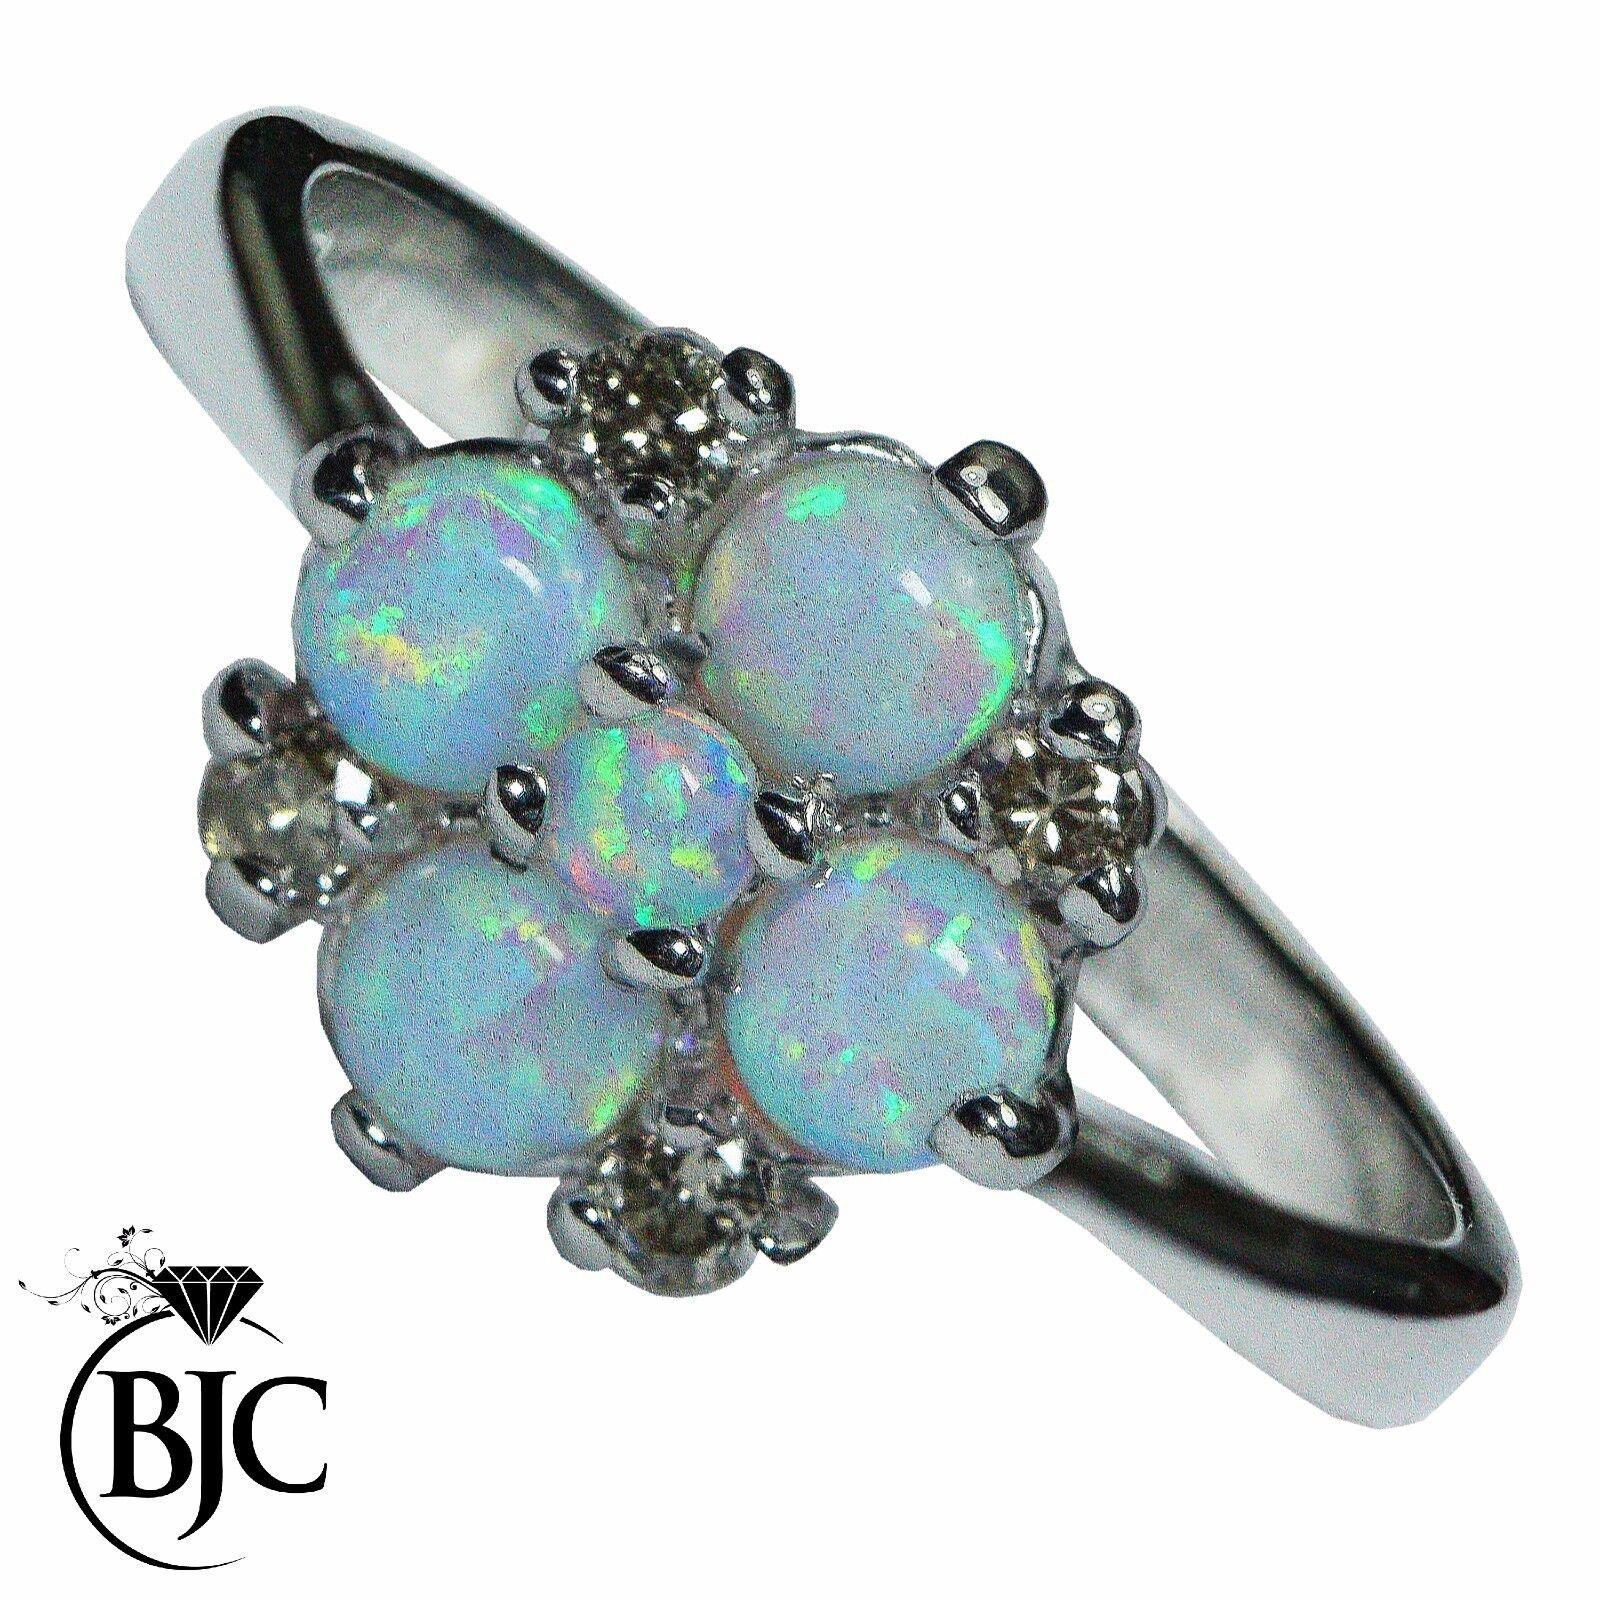 Bjc 9 Karat Weiss gold Rund Cabochon Opal & Diamant Größe O Haufen Ring R279